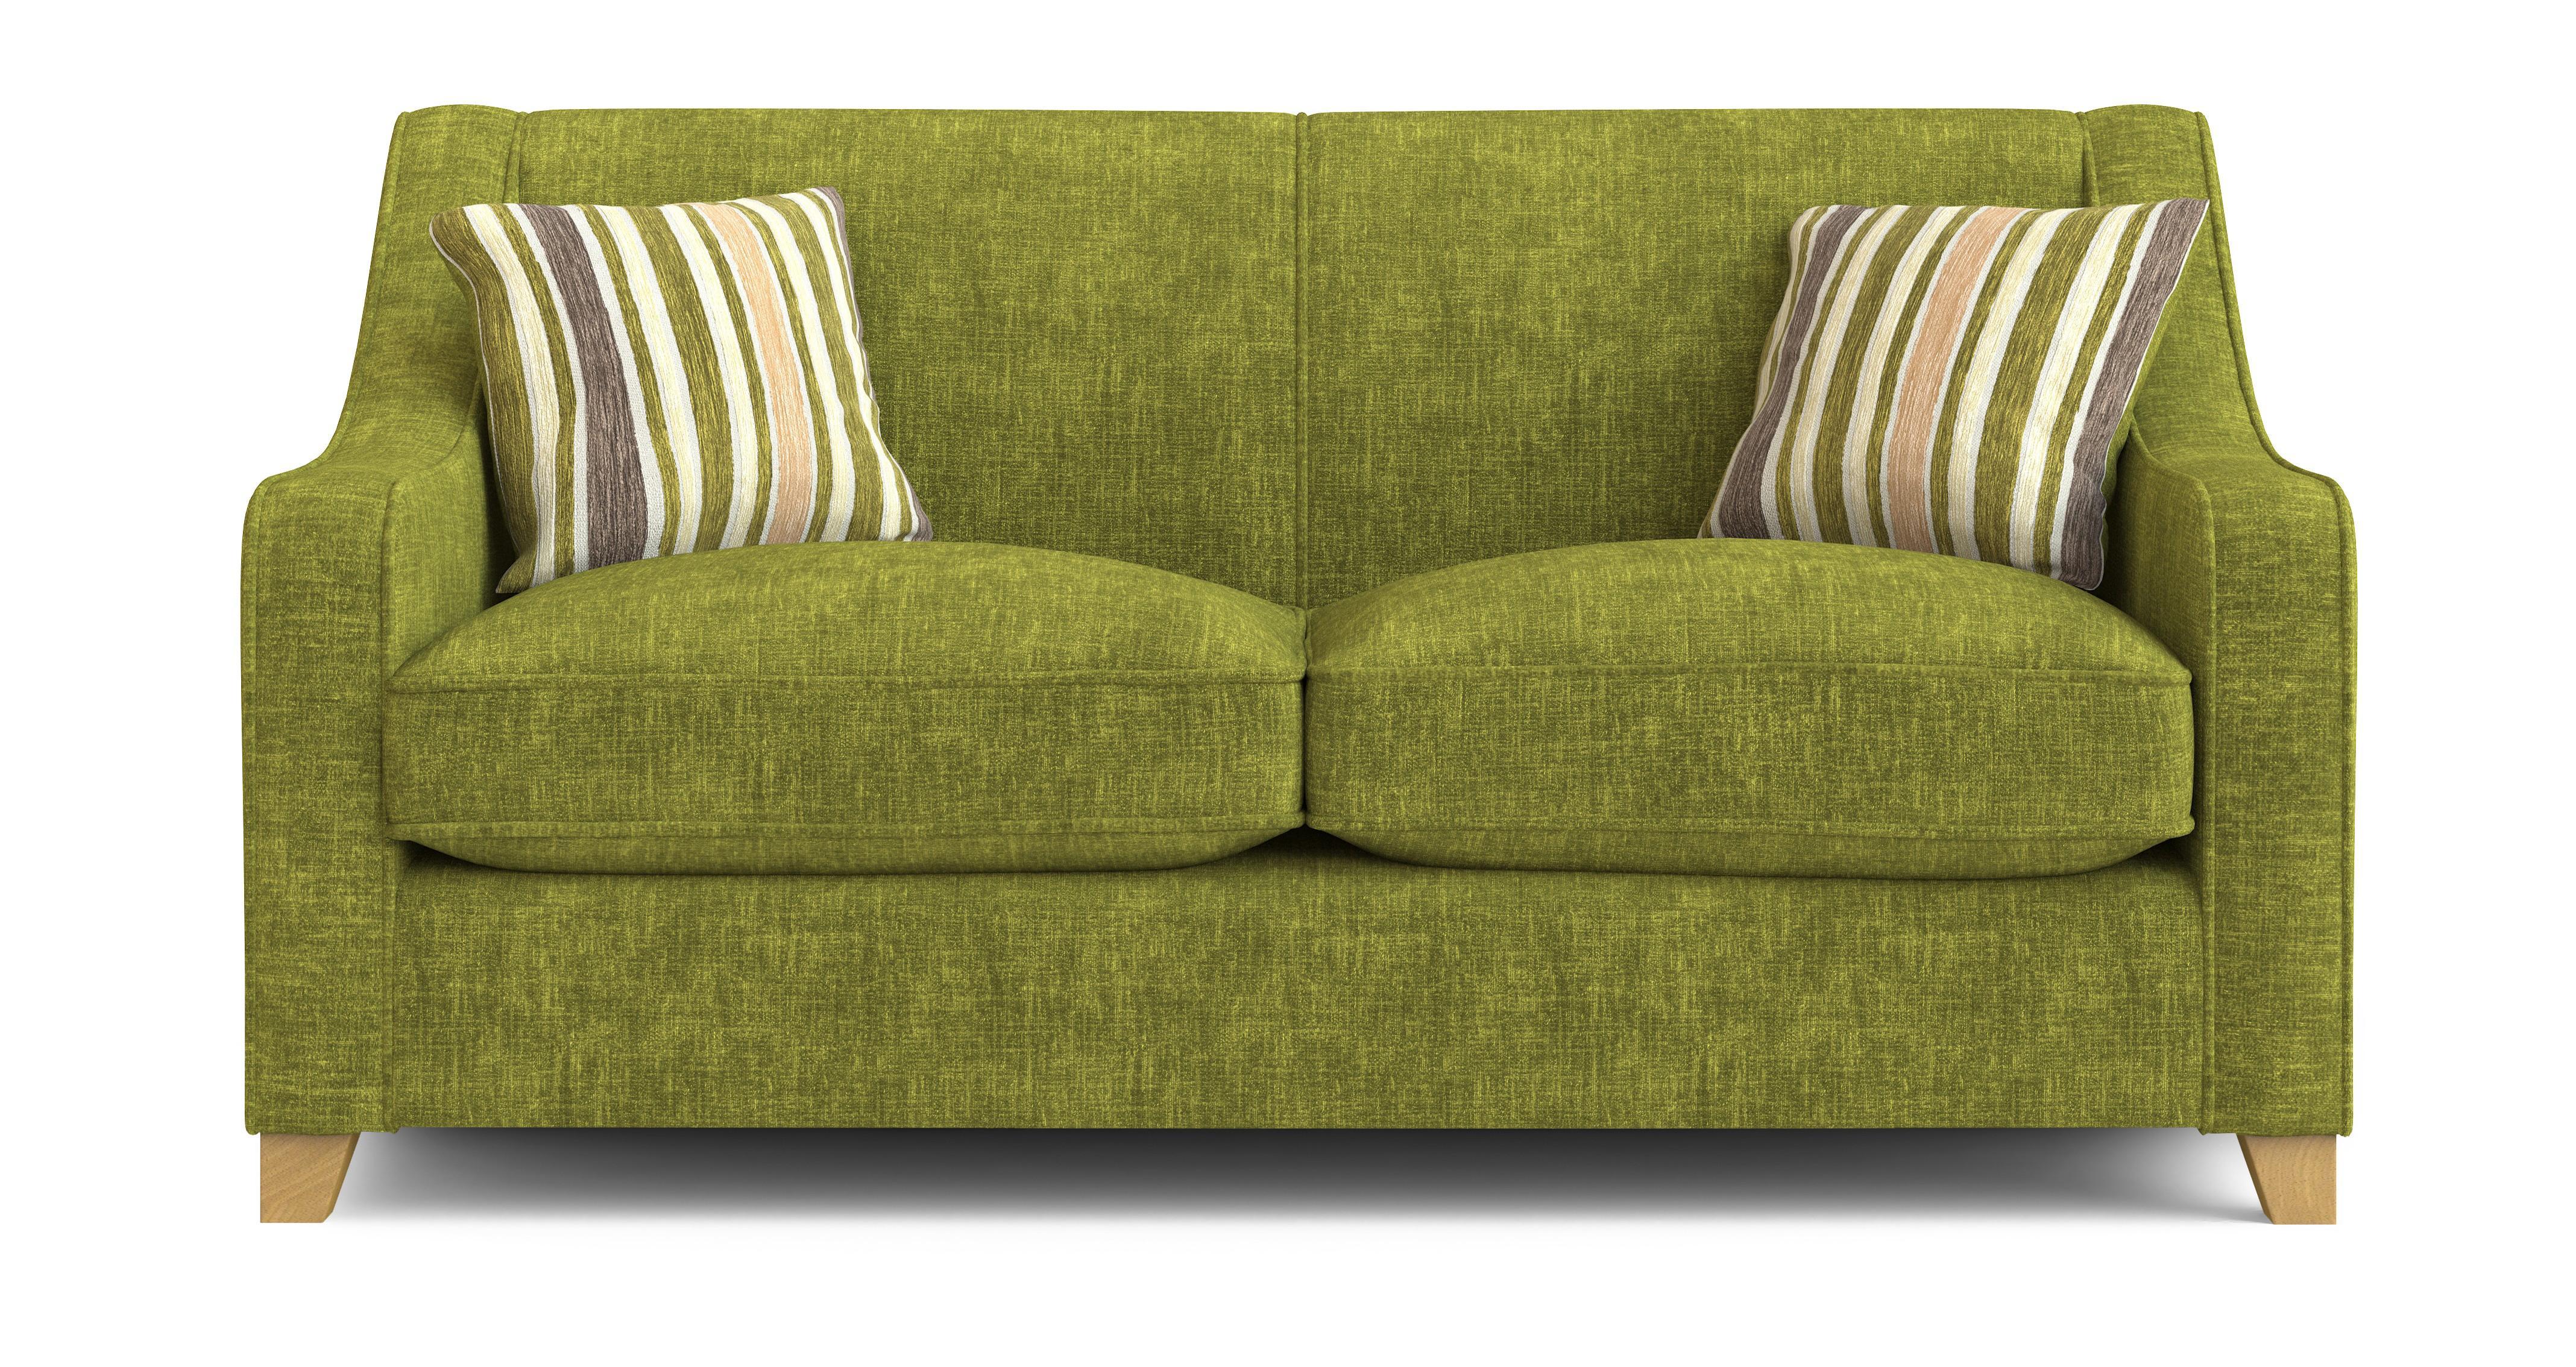 2 seater sofa YWQAEYN